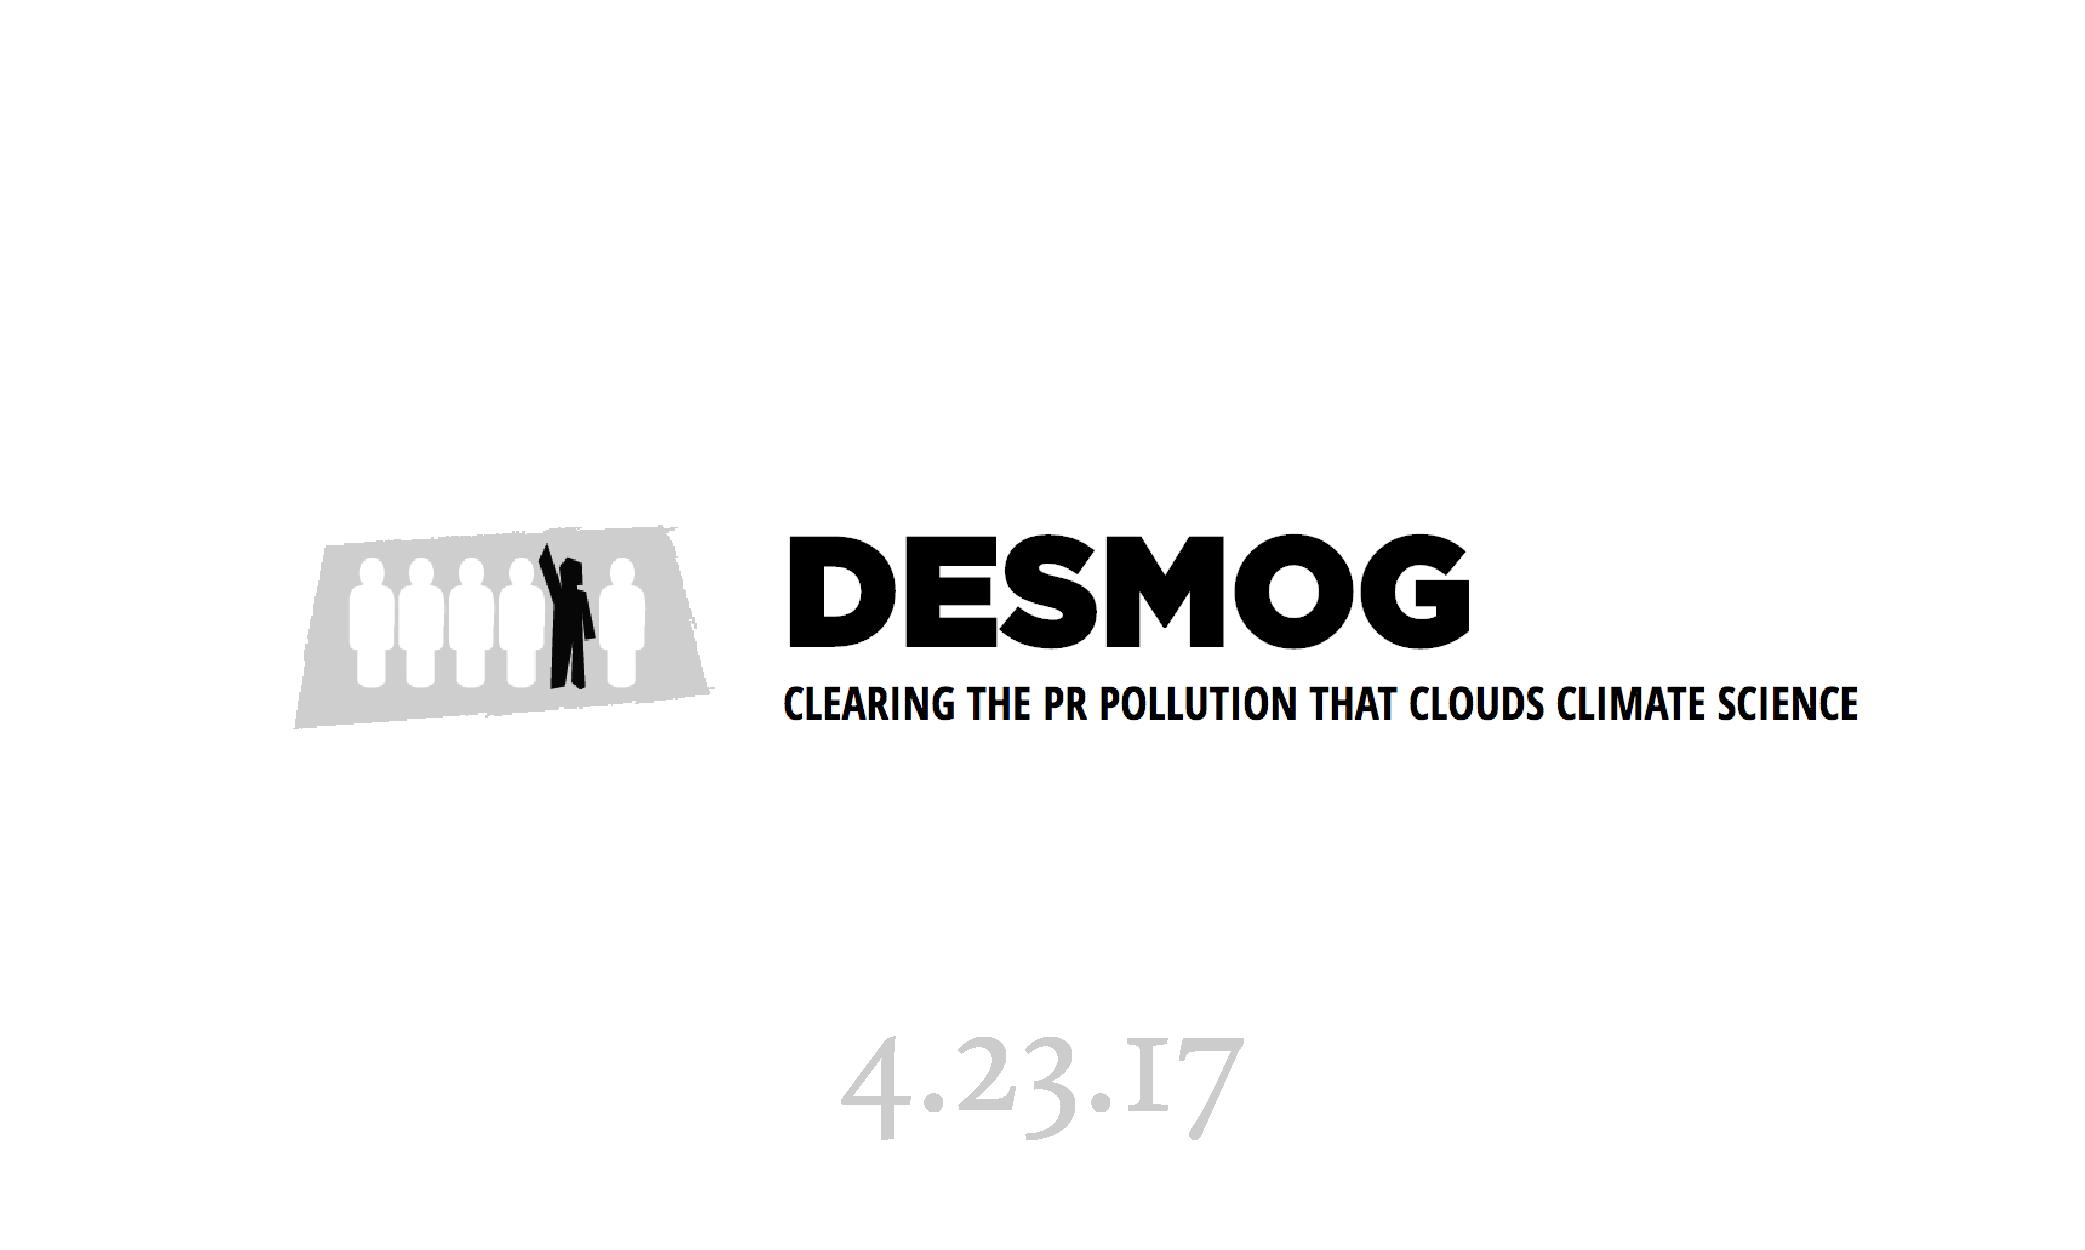 desmog3